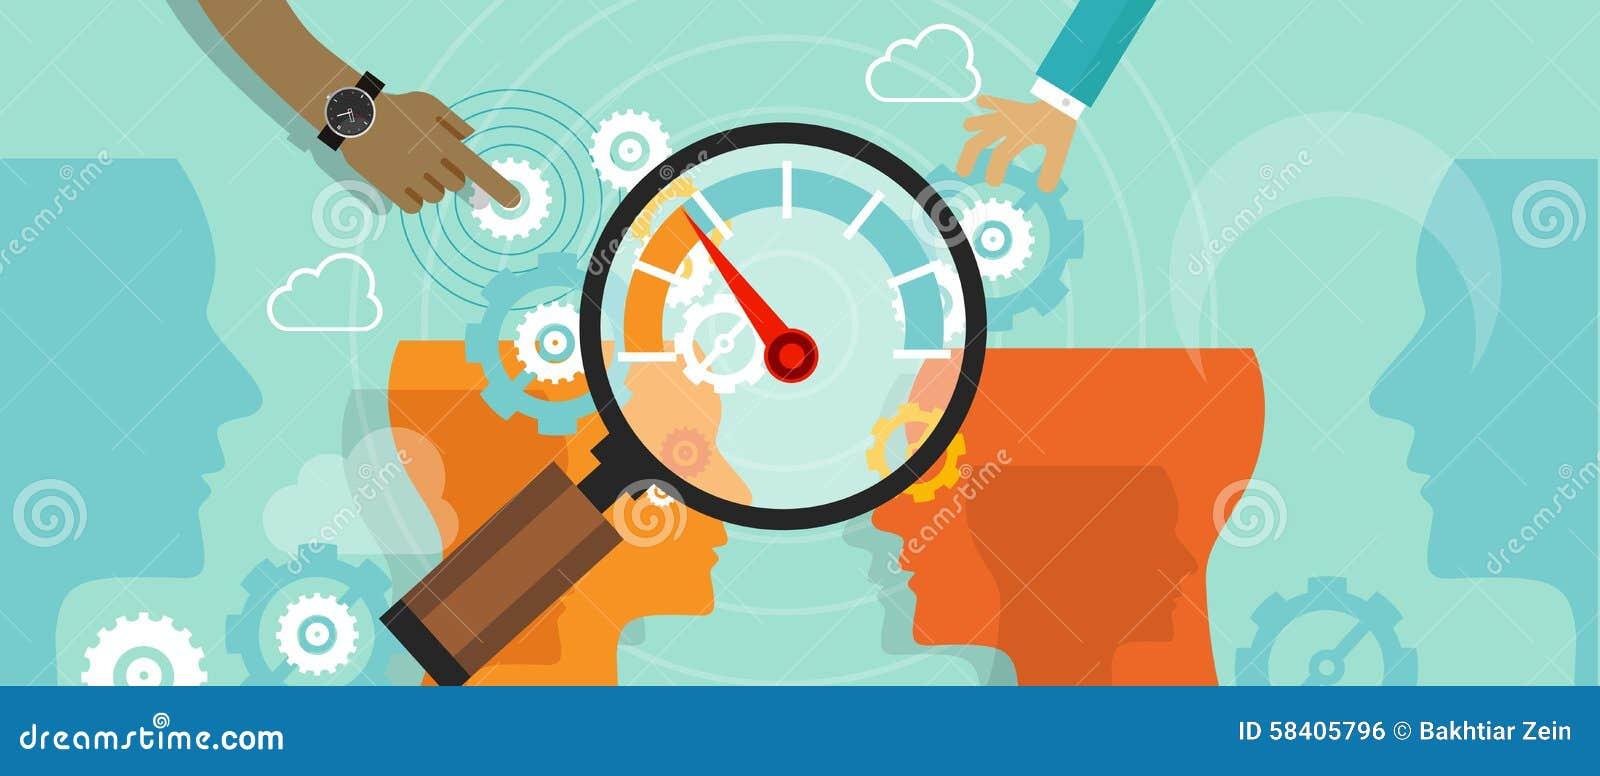 Funcionamiento de la compañía de la medida de la prueba patrón de la evaluación comparativa del negocio